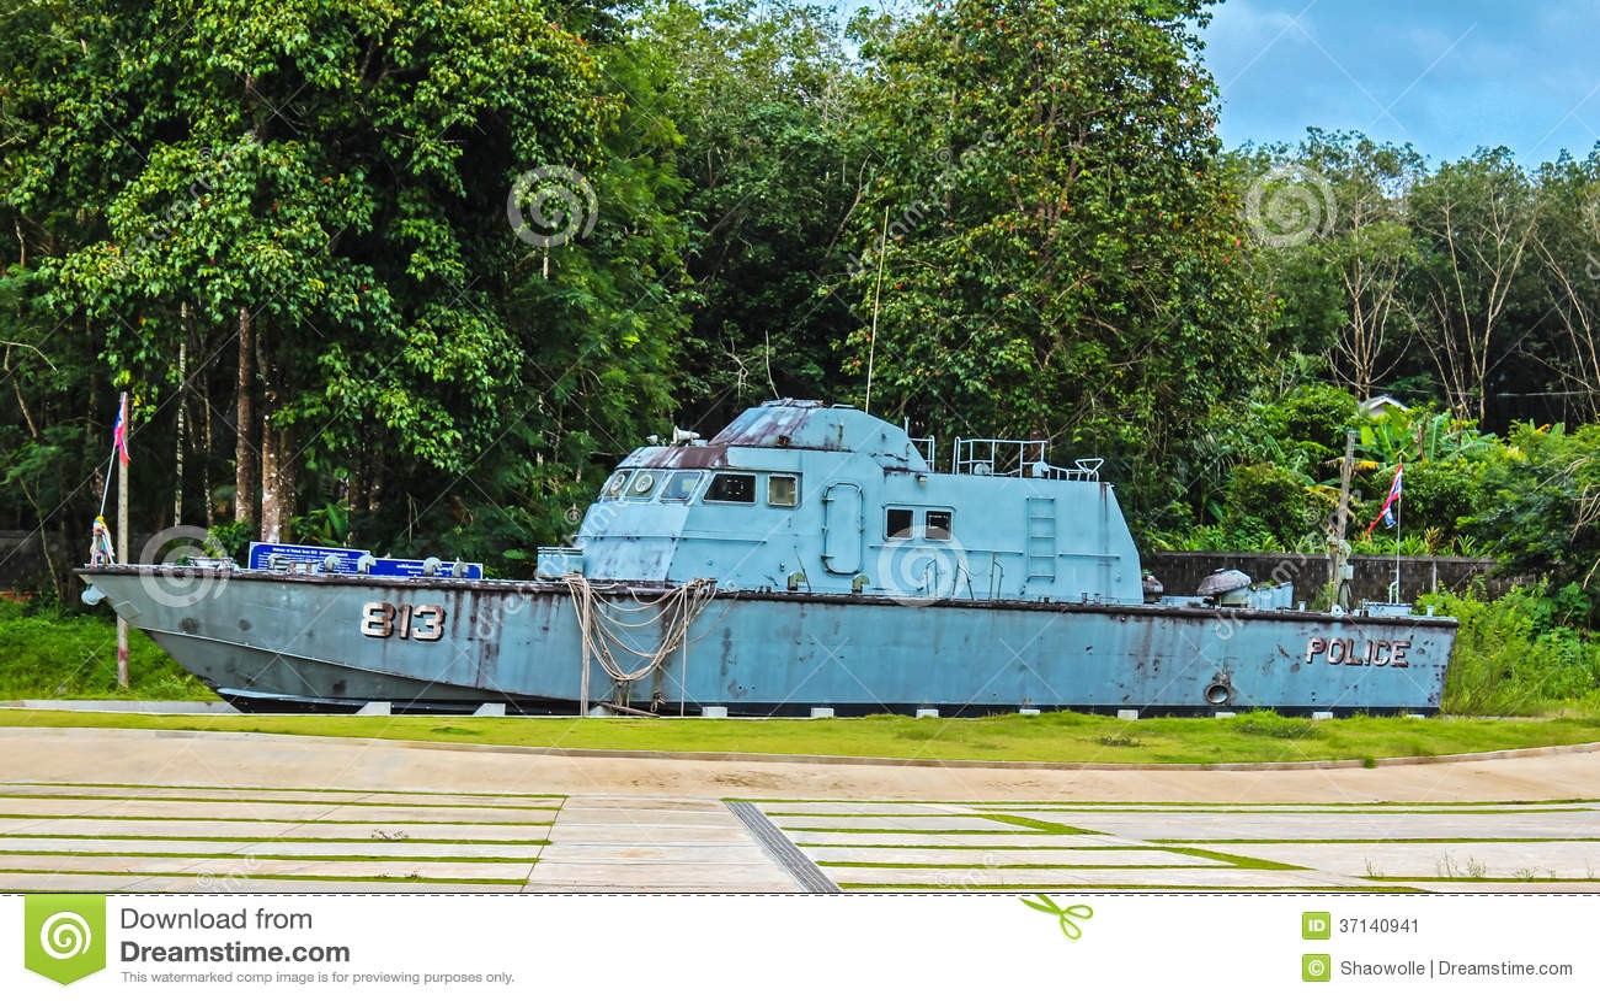 Police Boat 813 At Bang Niang/Khao Lak Editorial Photo - Image: 37140941